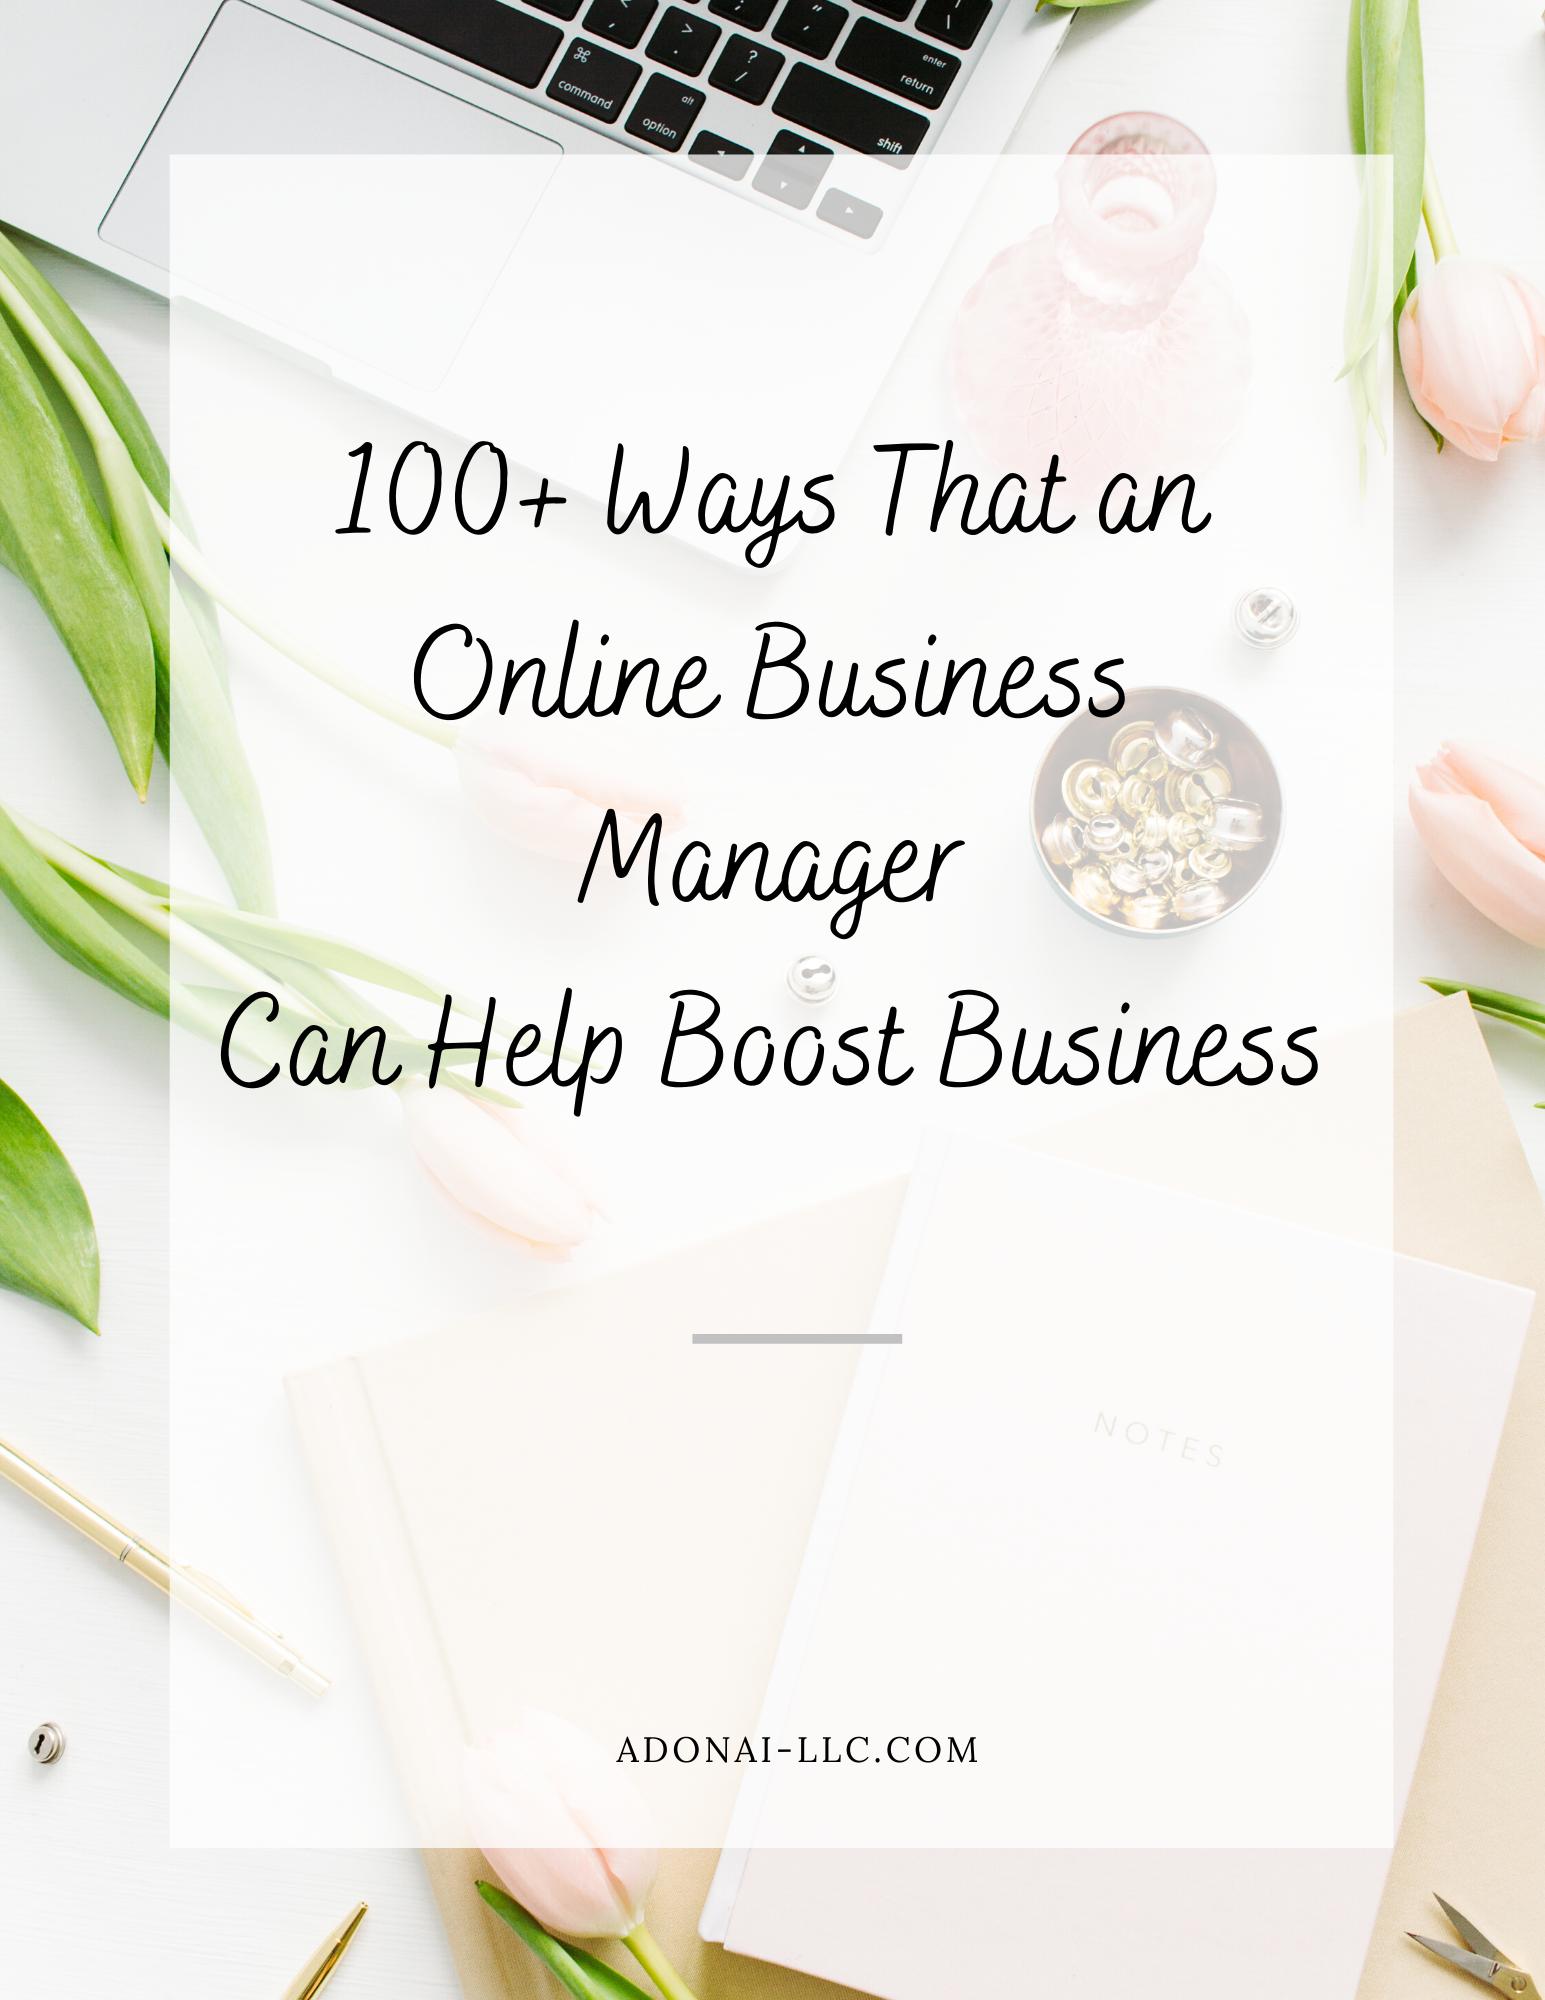 100 Ways to Use OBM